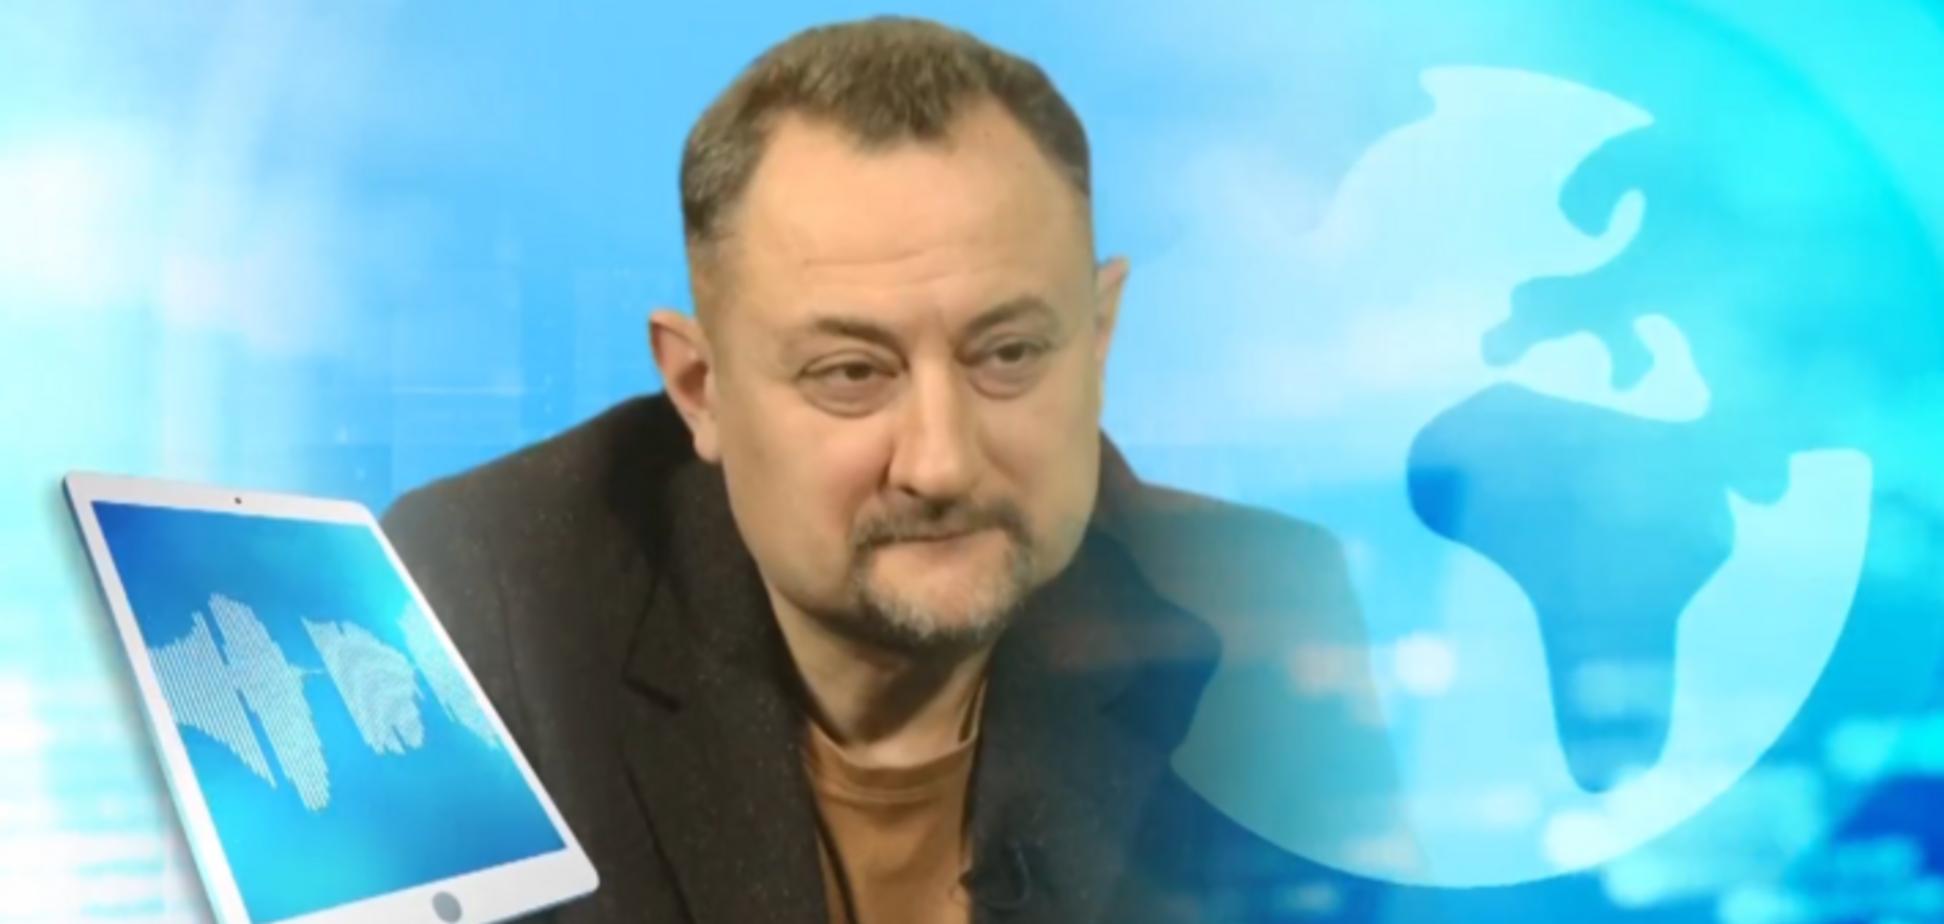 Недоречна ініціатива УГКЦ: релігієзнавець дав оцінку ініціативи греко-католиків